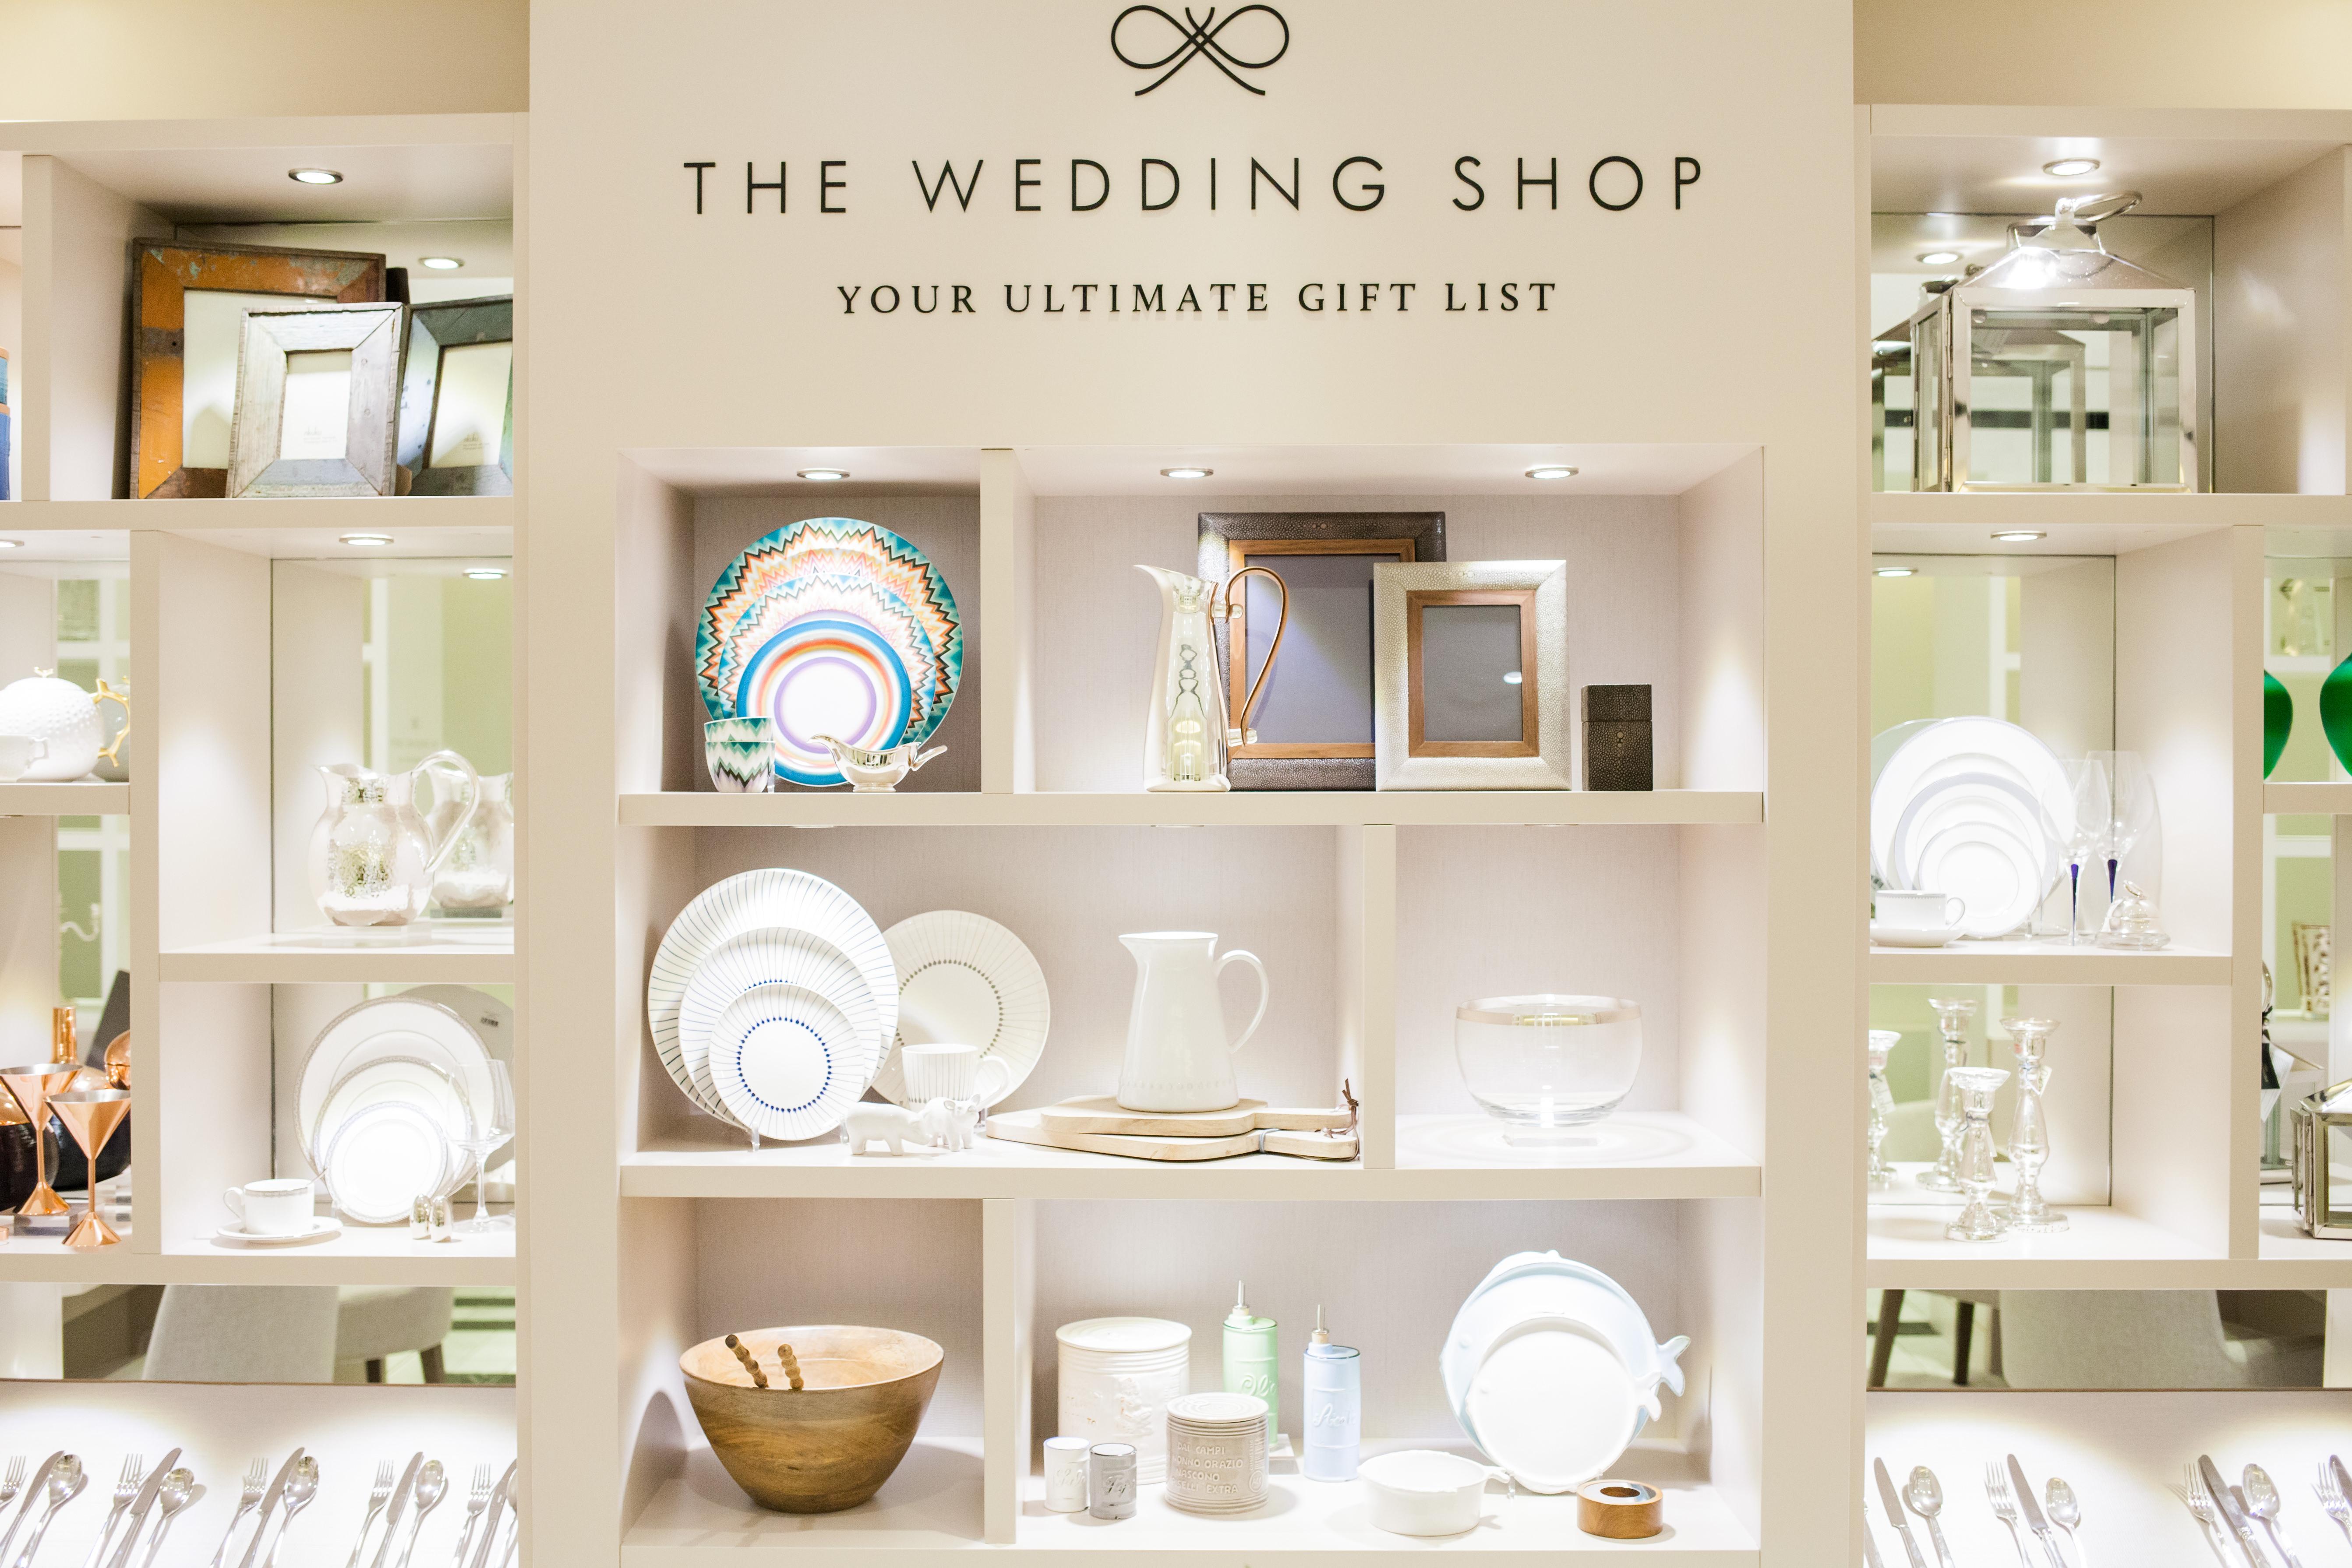 Luxury Wedding Gift List : ... Wedding Shop The Wedding Shop at Selfridges Luxury Wedding Gift List